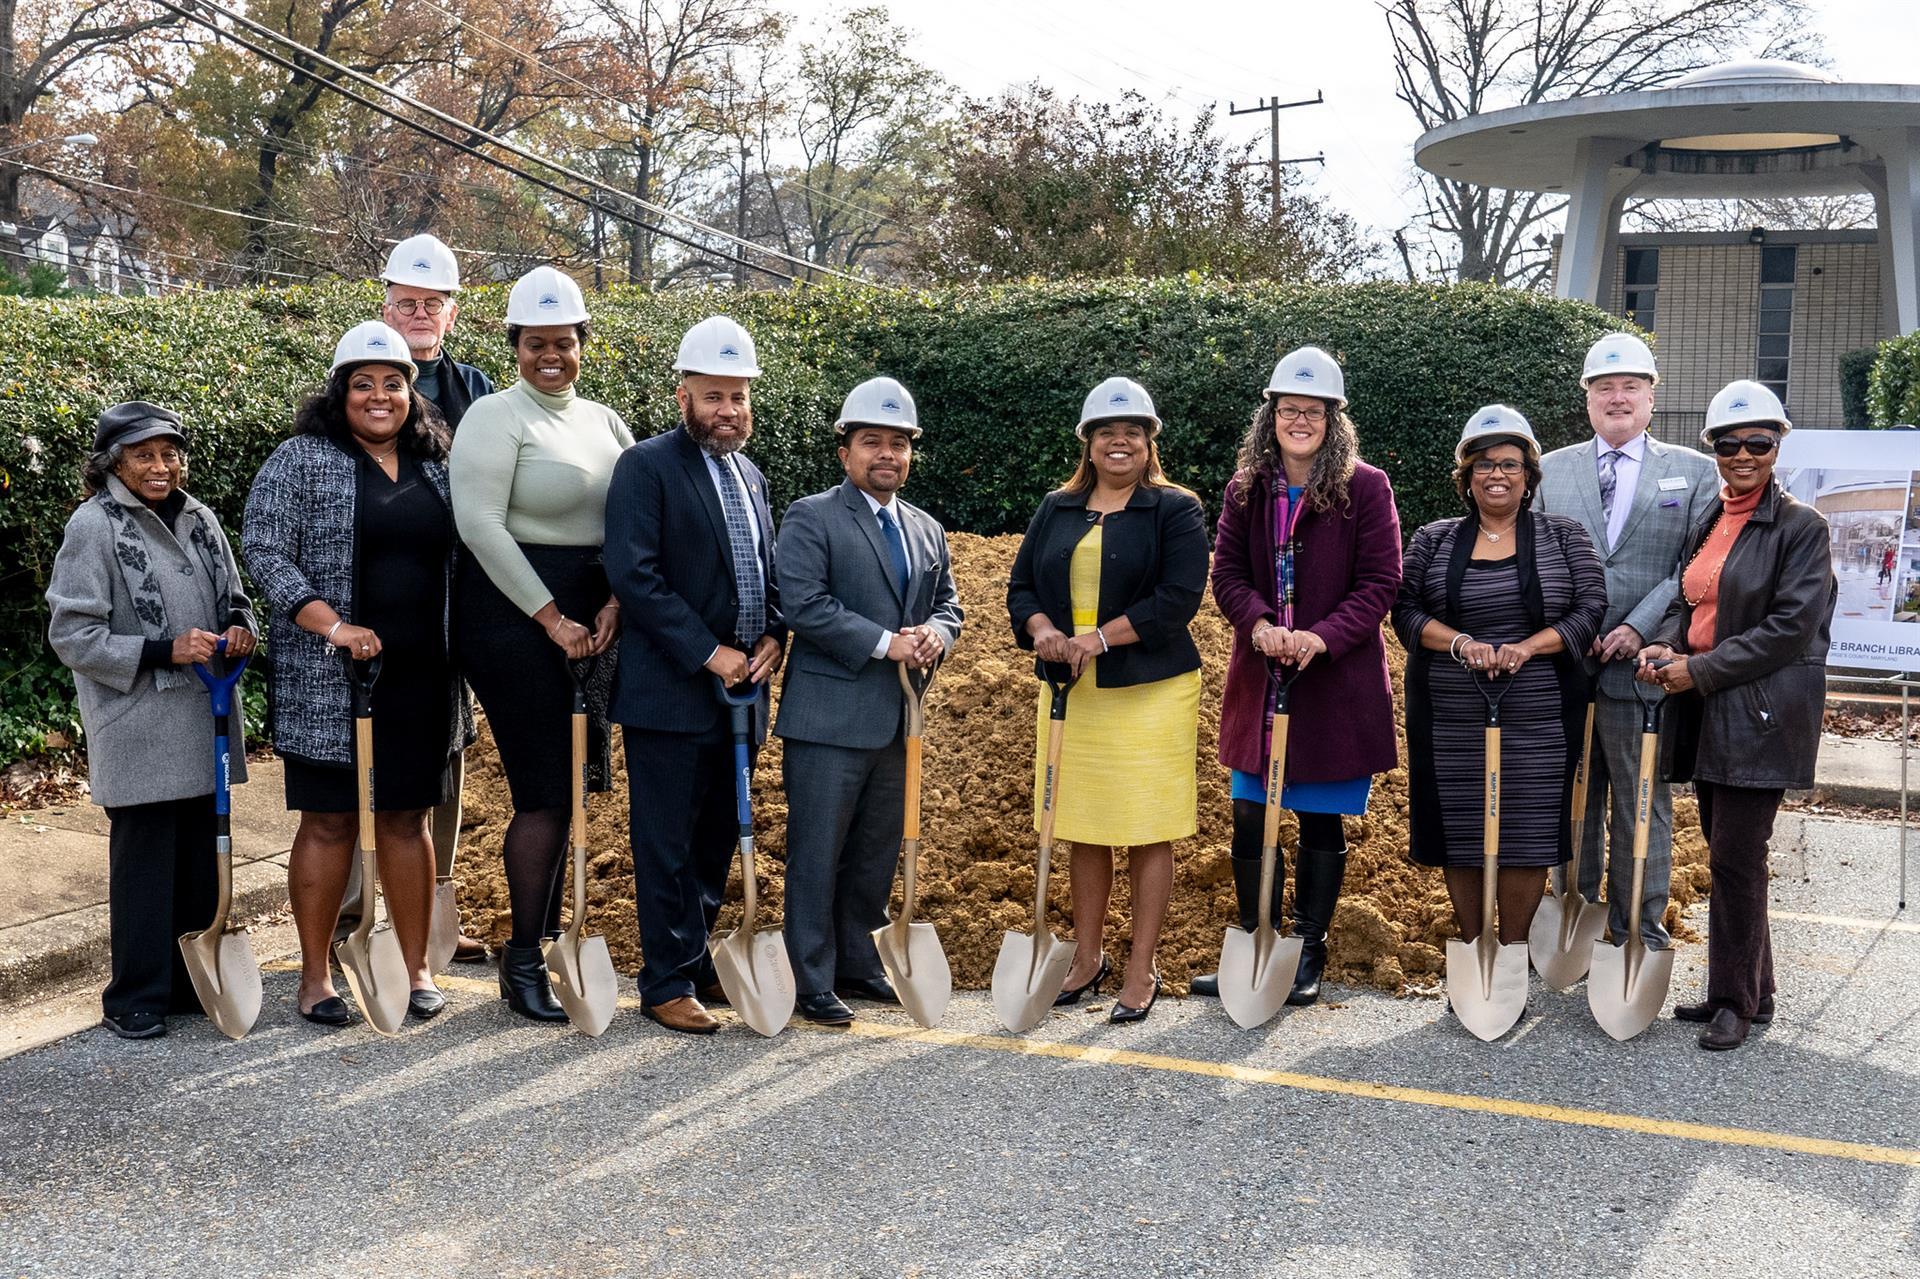 New Hyattsville Branch Groundbreaking Ceremony